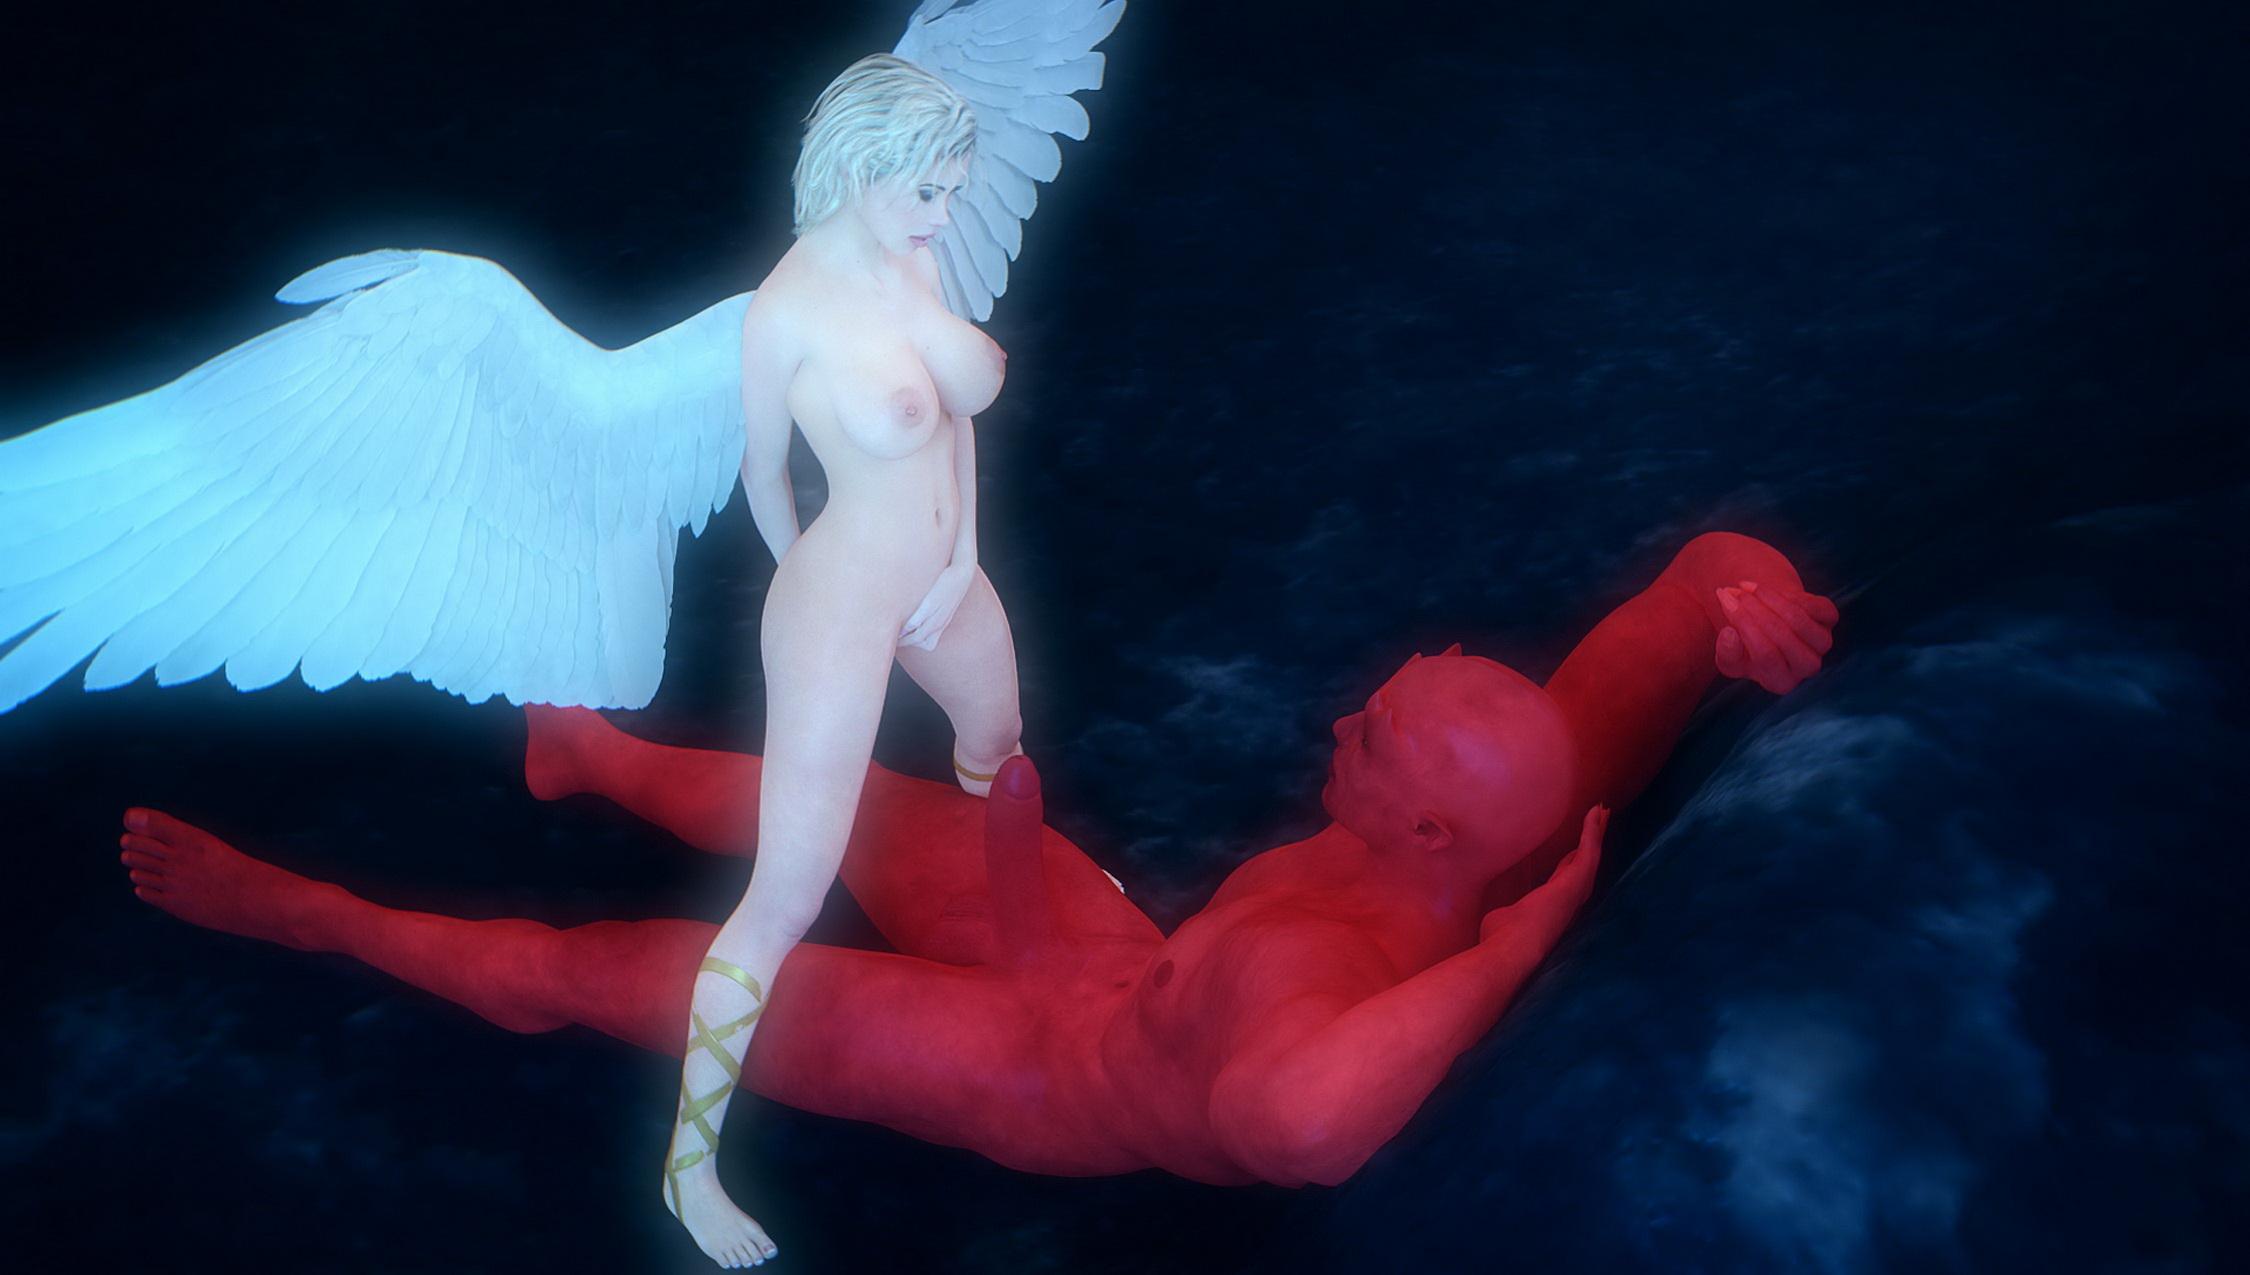 Секс демона и ангела картинки, Голые ангелы и демоны » Смотреть порно картинки 11 фотография